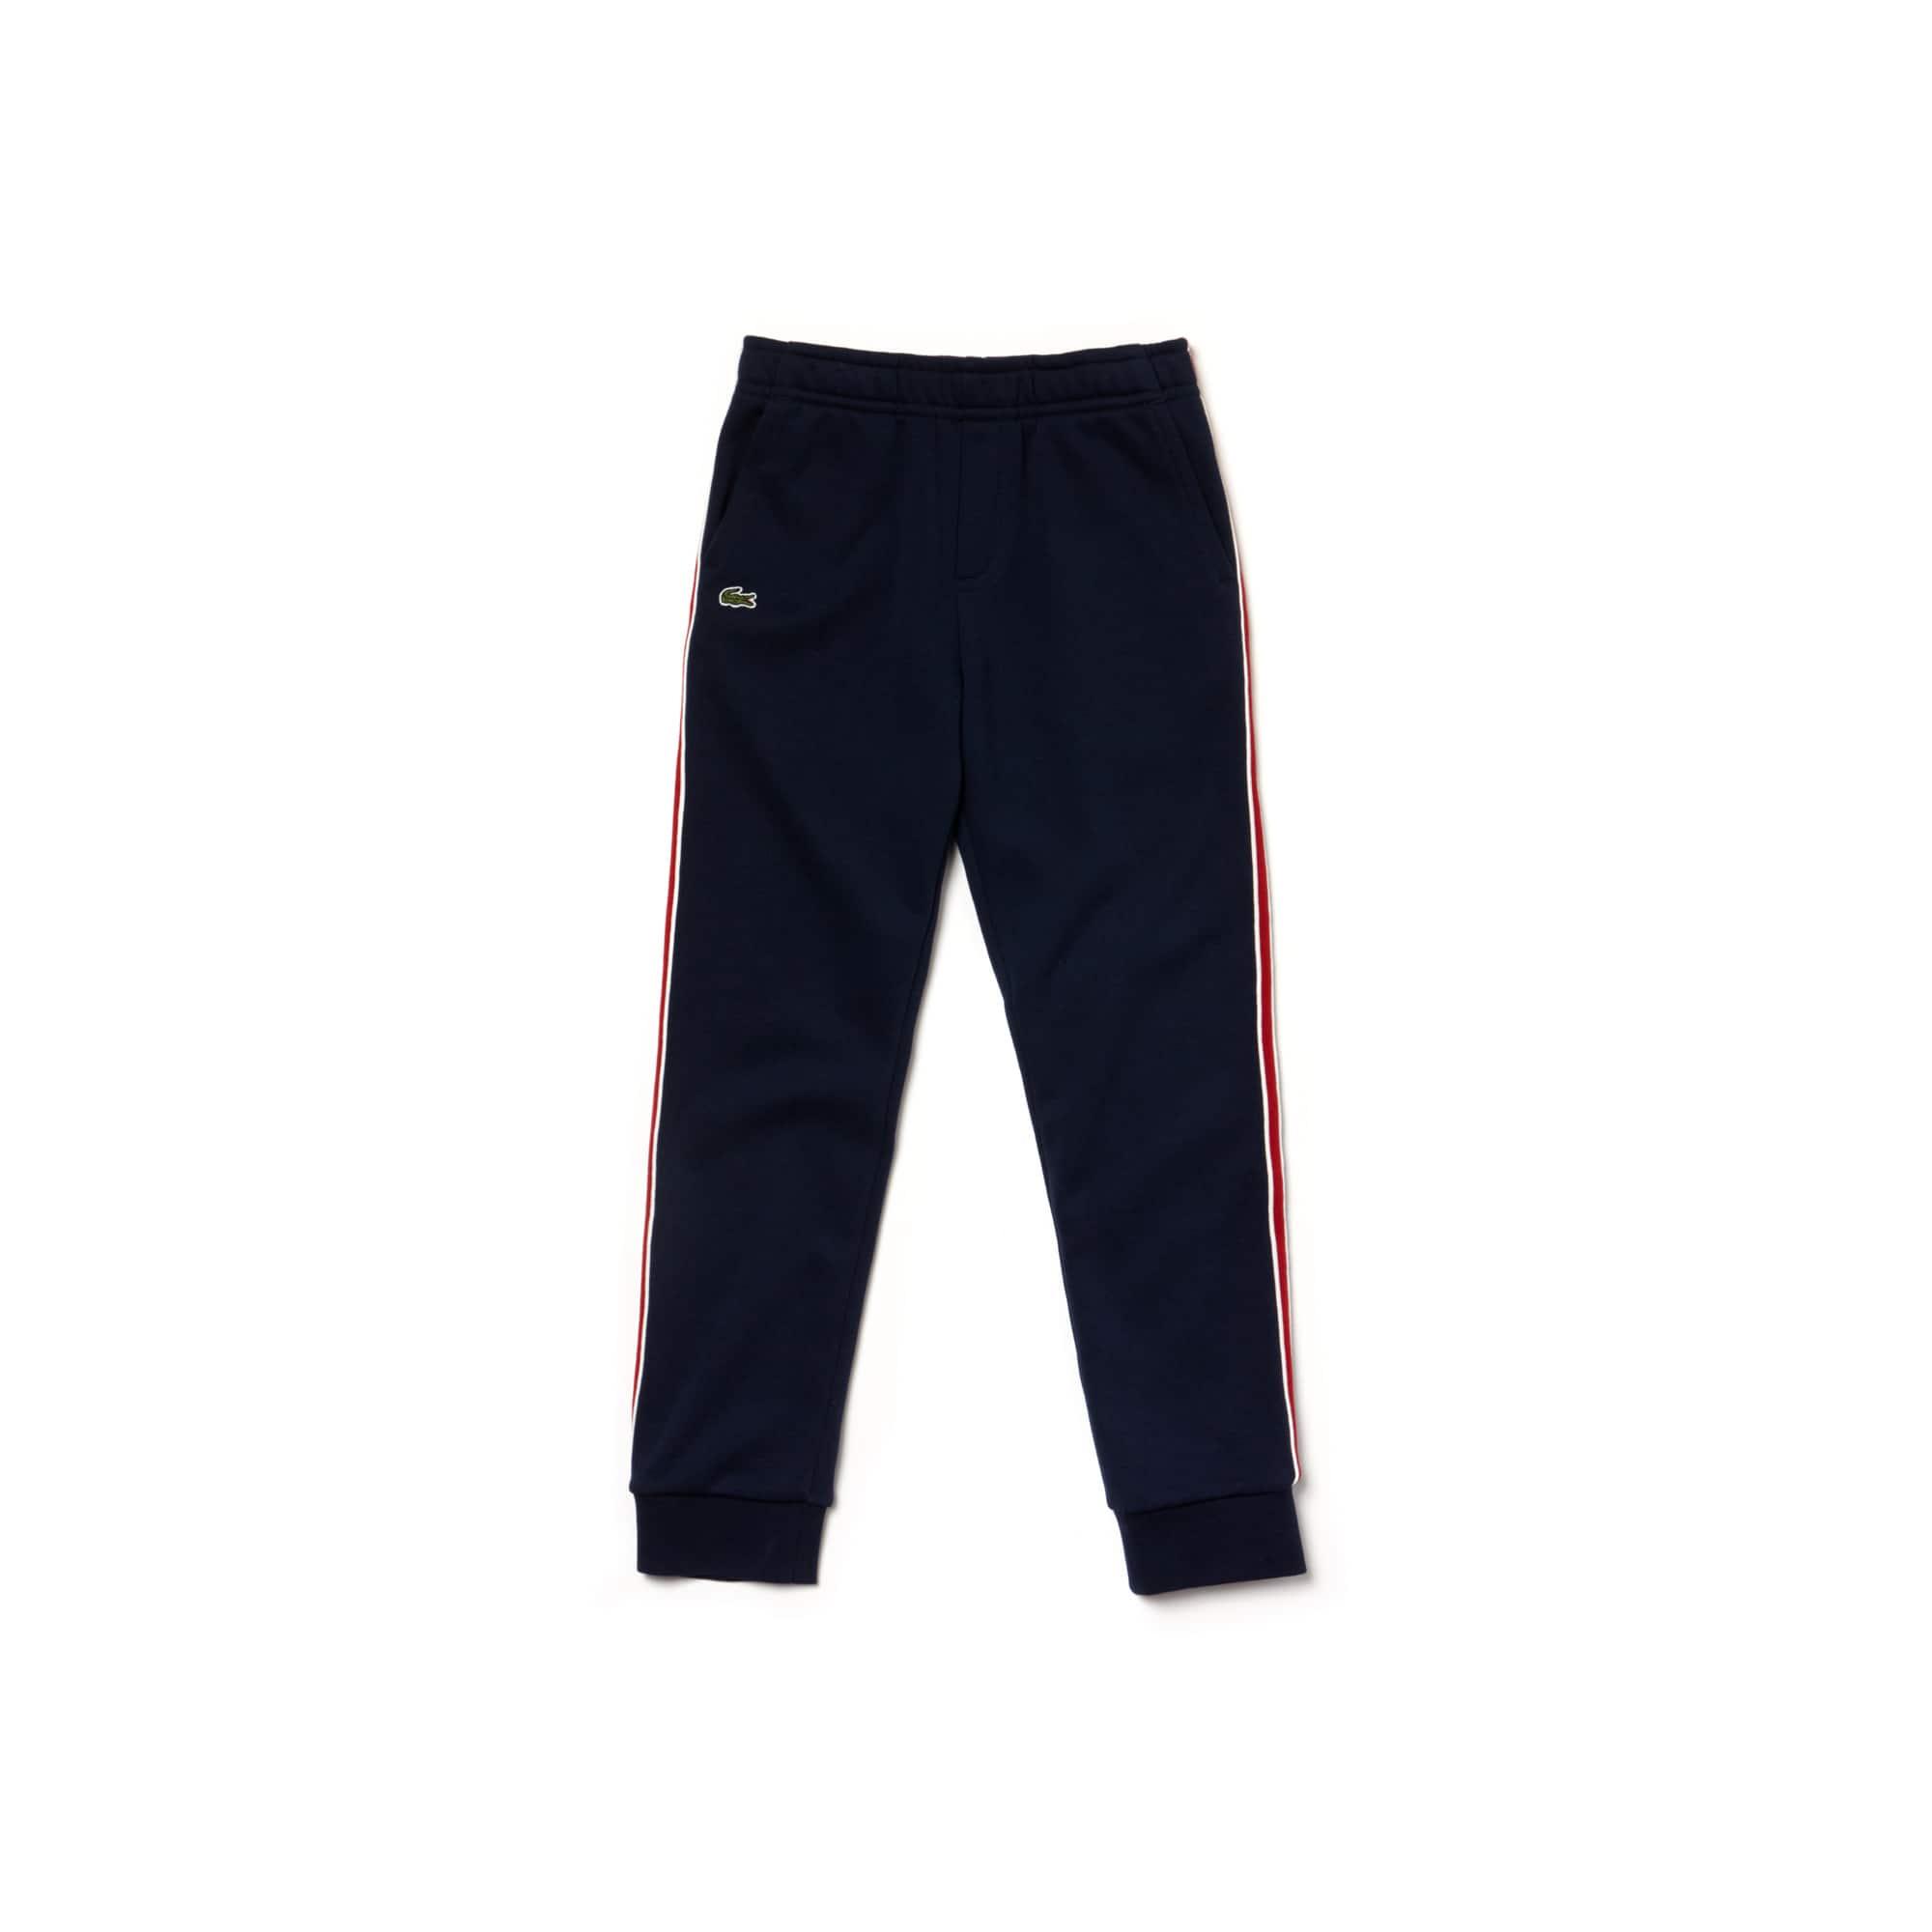 Lacoste - Jungen-Jogginghose mit seitlichen Streifen aus Fleece - 2